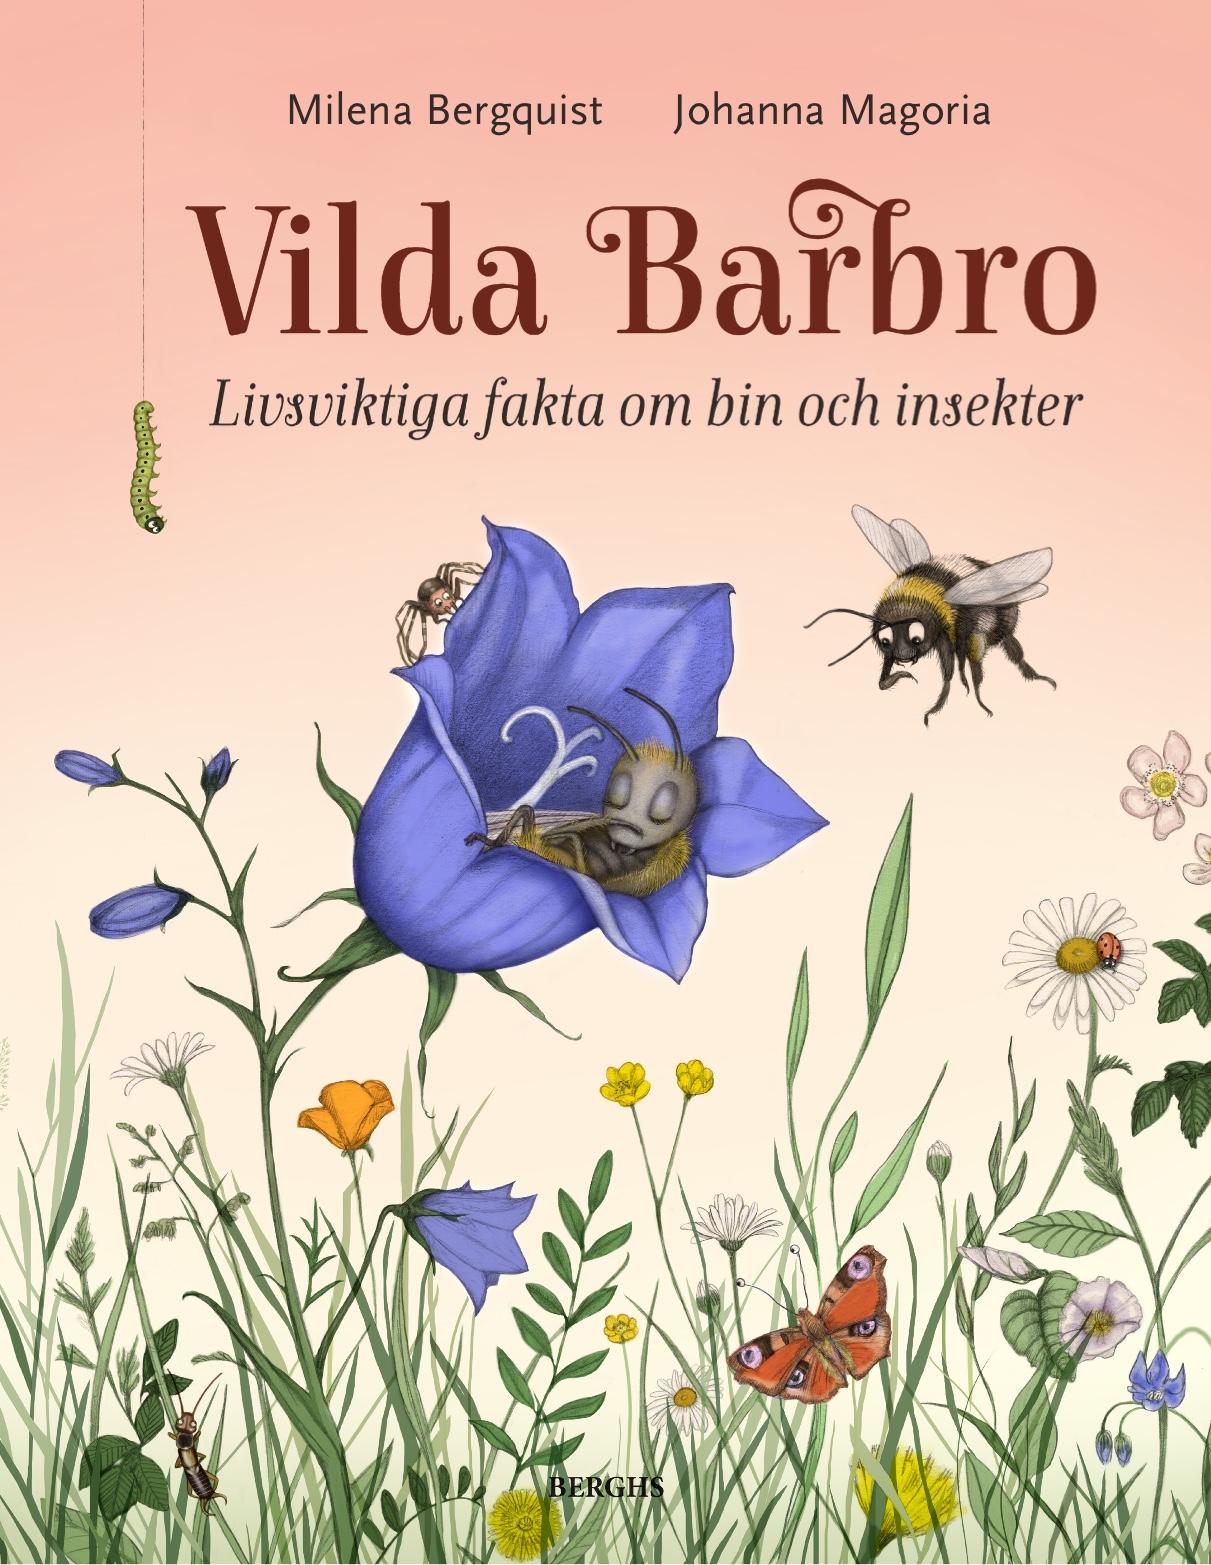 Snart är Vilda Barbro här